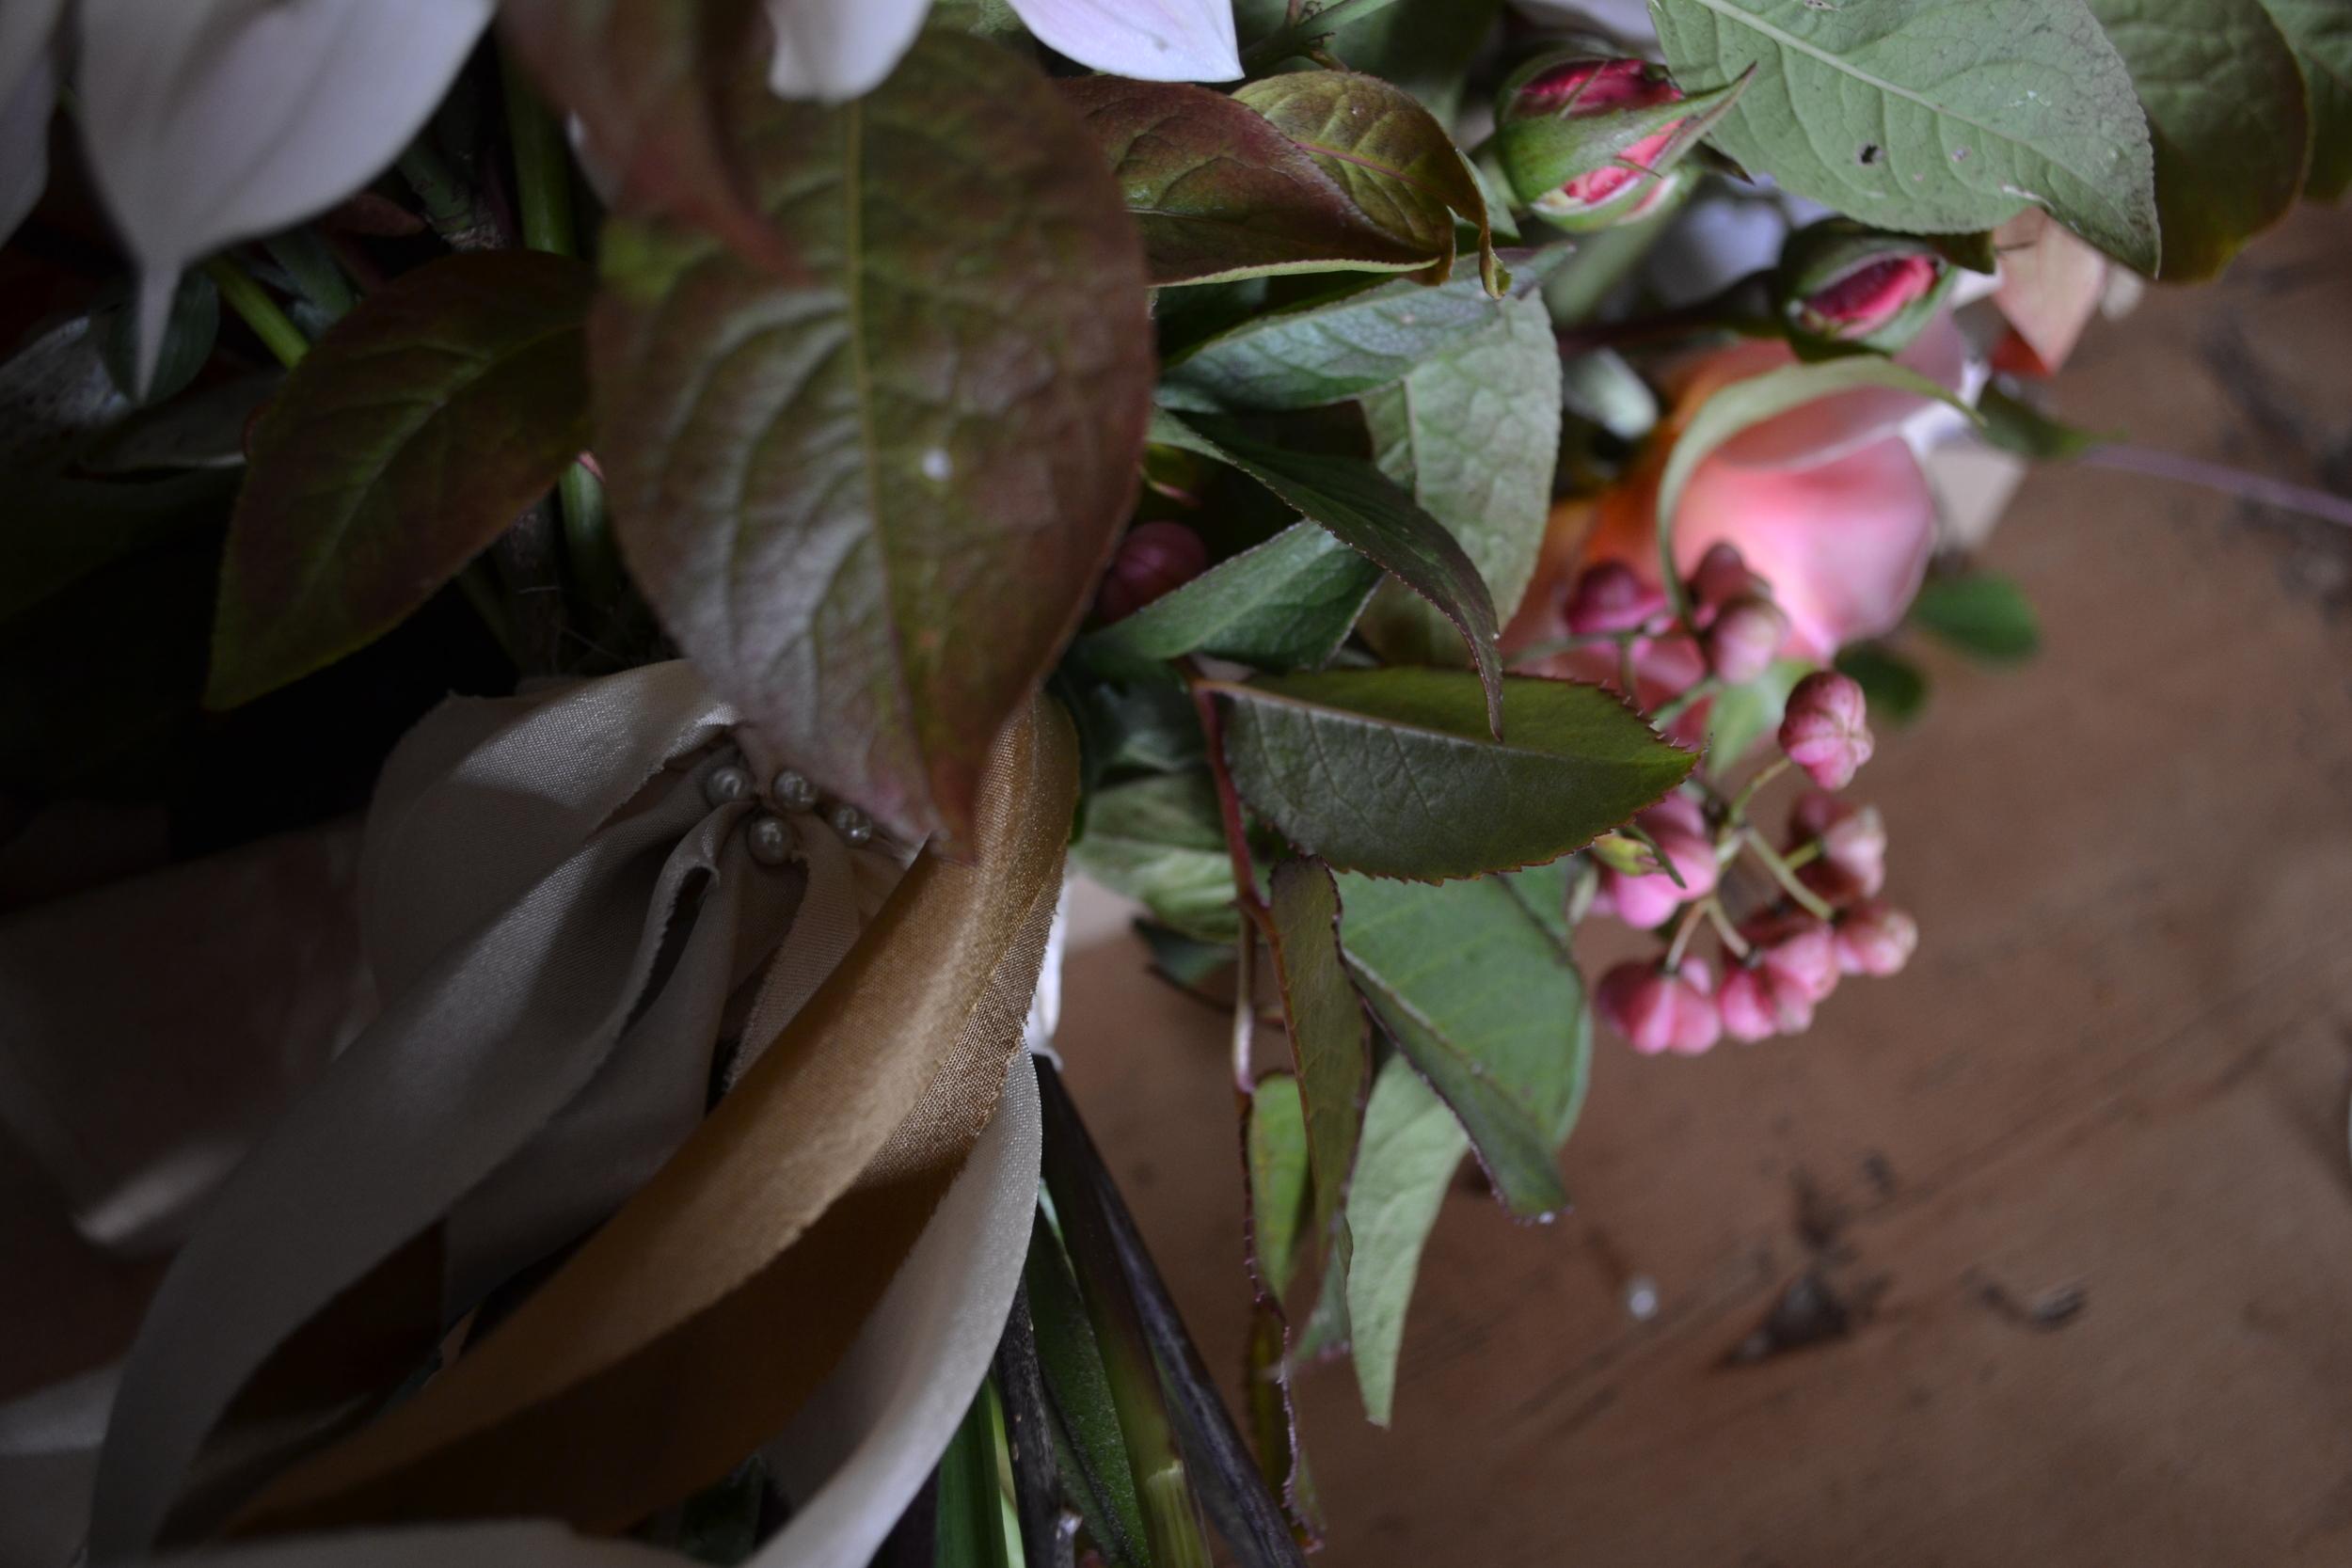 140918 - GG - Dutch styling and Gabrielles bouquet 099.JPG